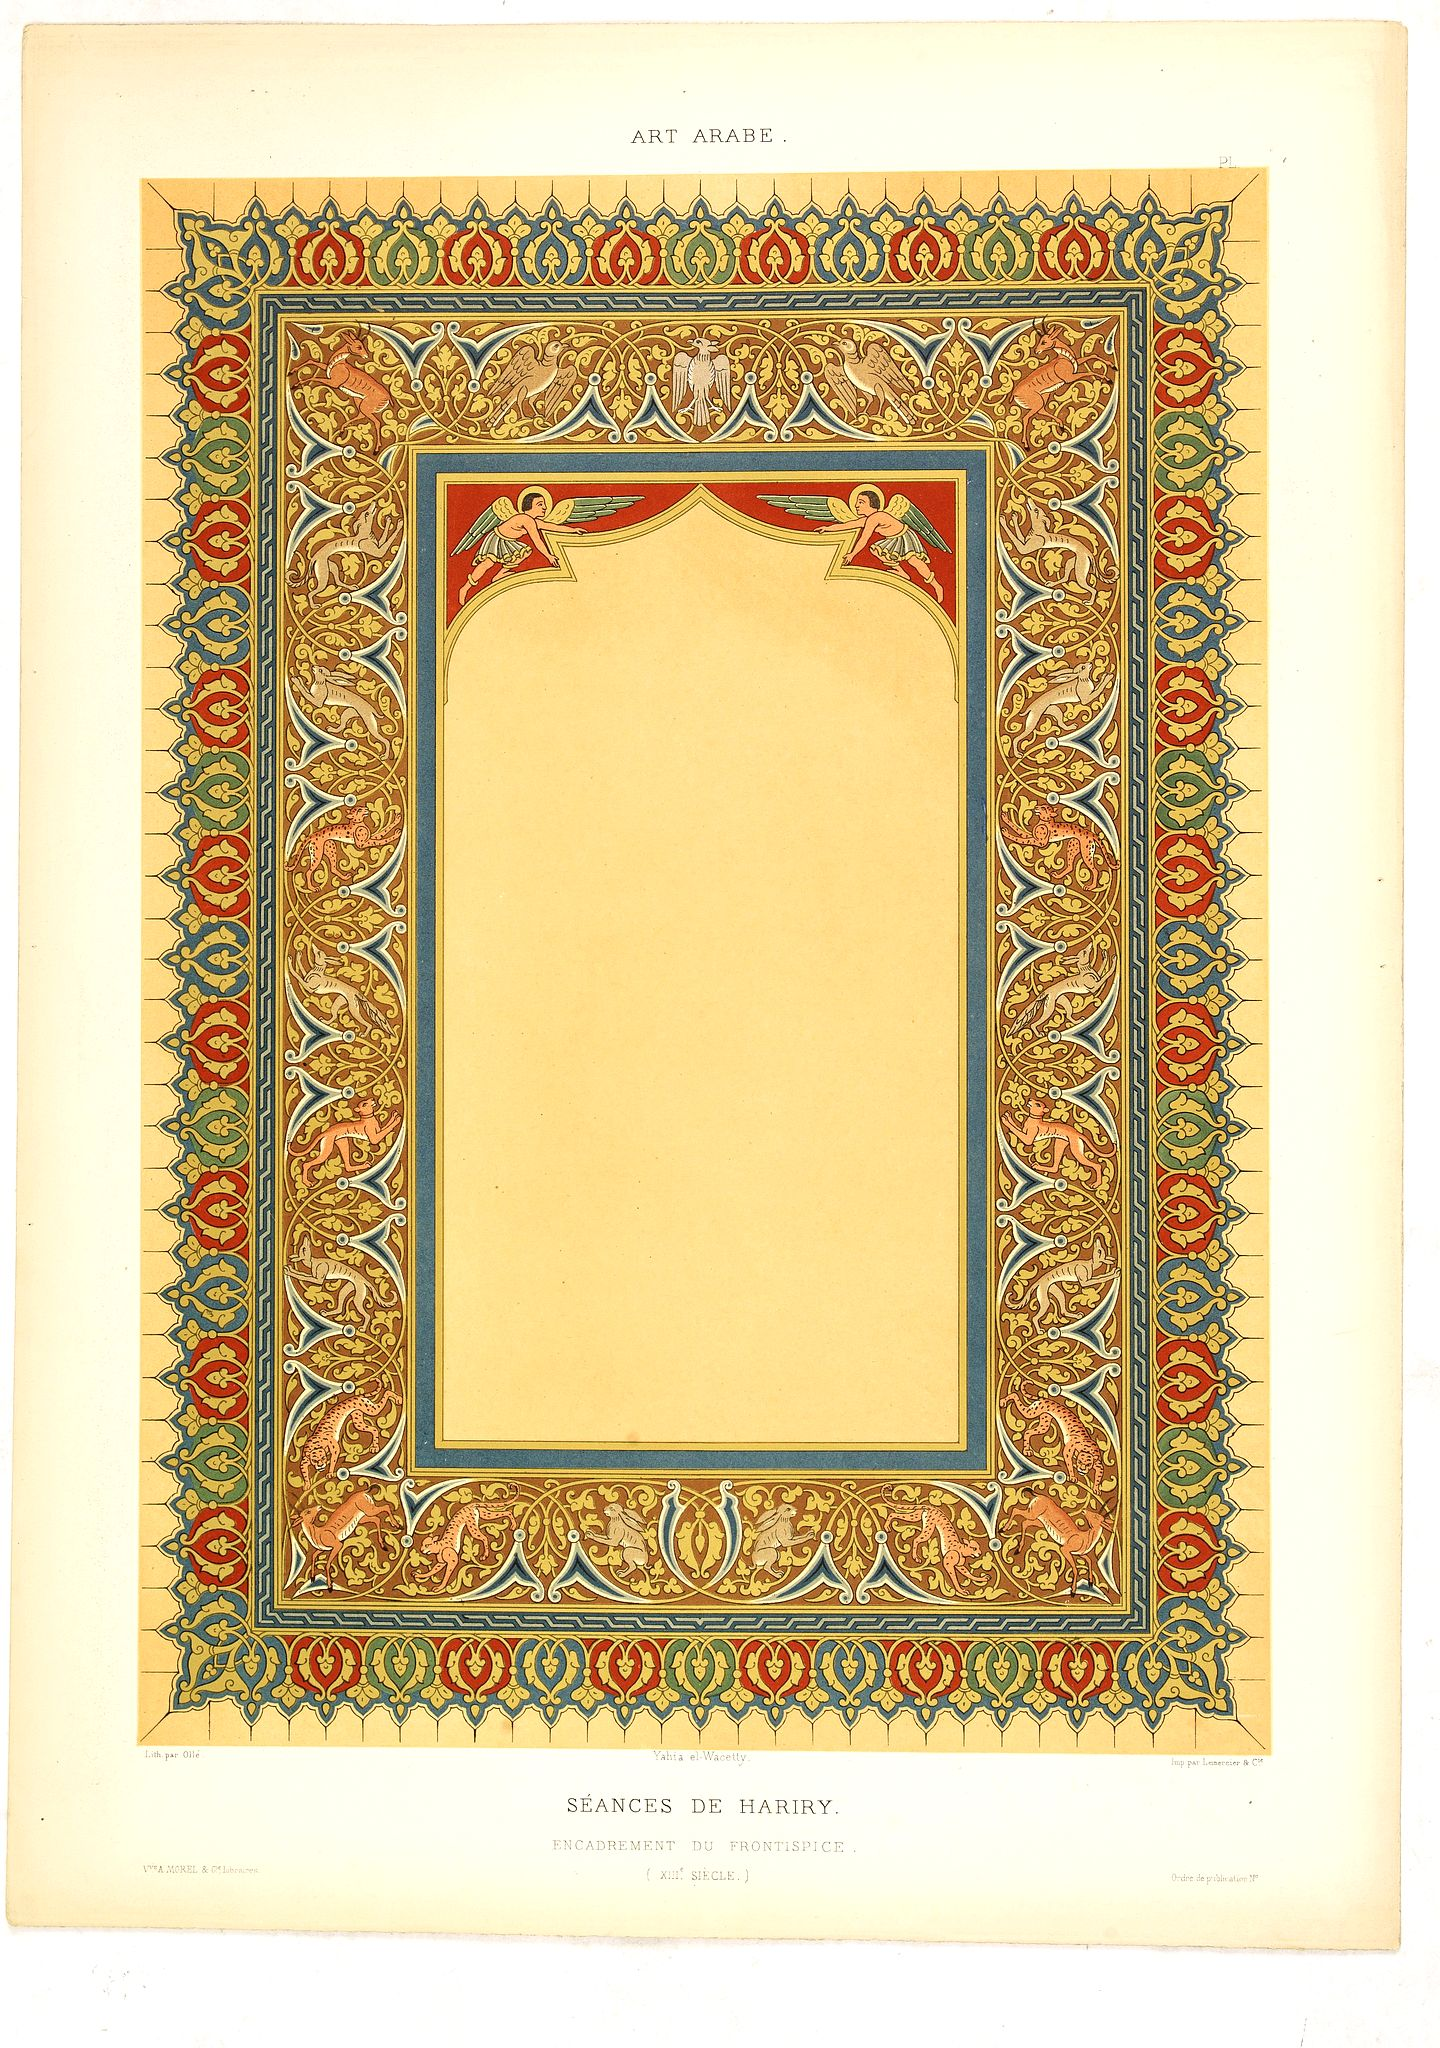 PRISSE D'AVENNES, E. -  Art arabe. - Séances de Hariry.